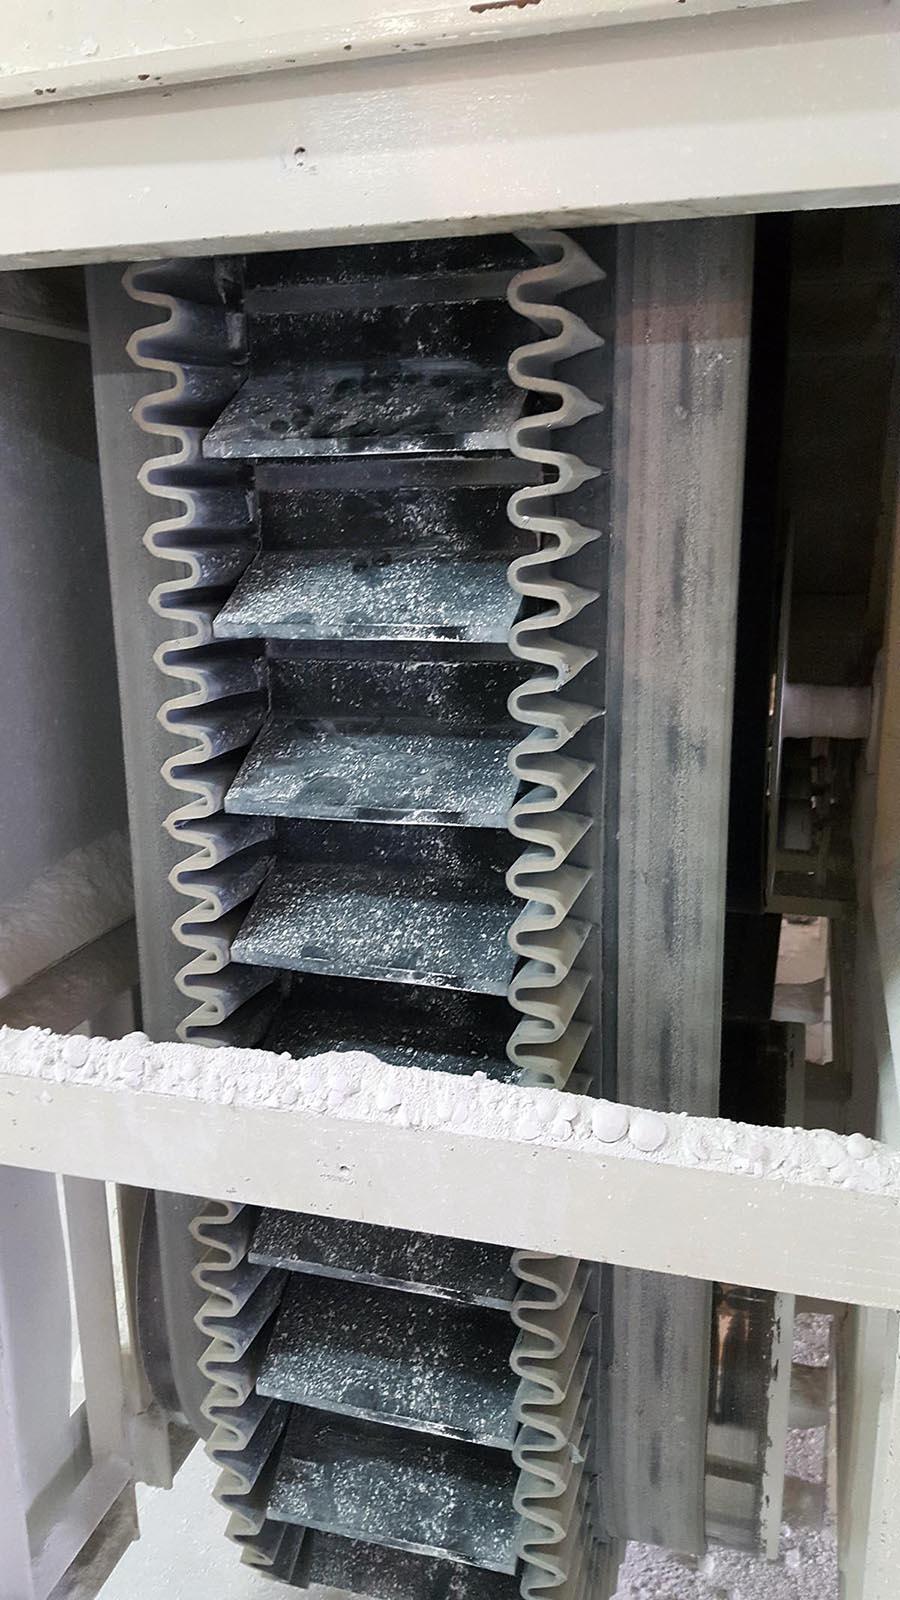 Vgradnja z-elevatorja